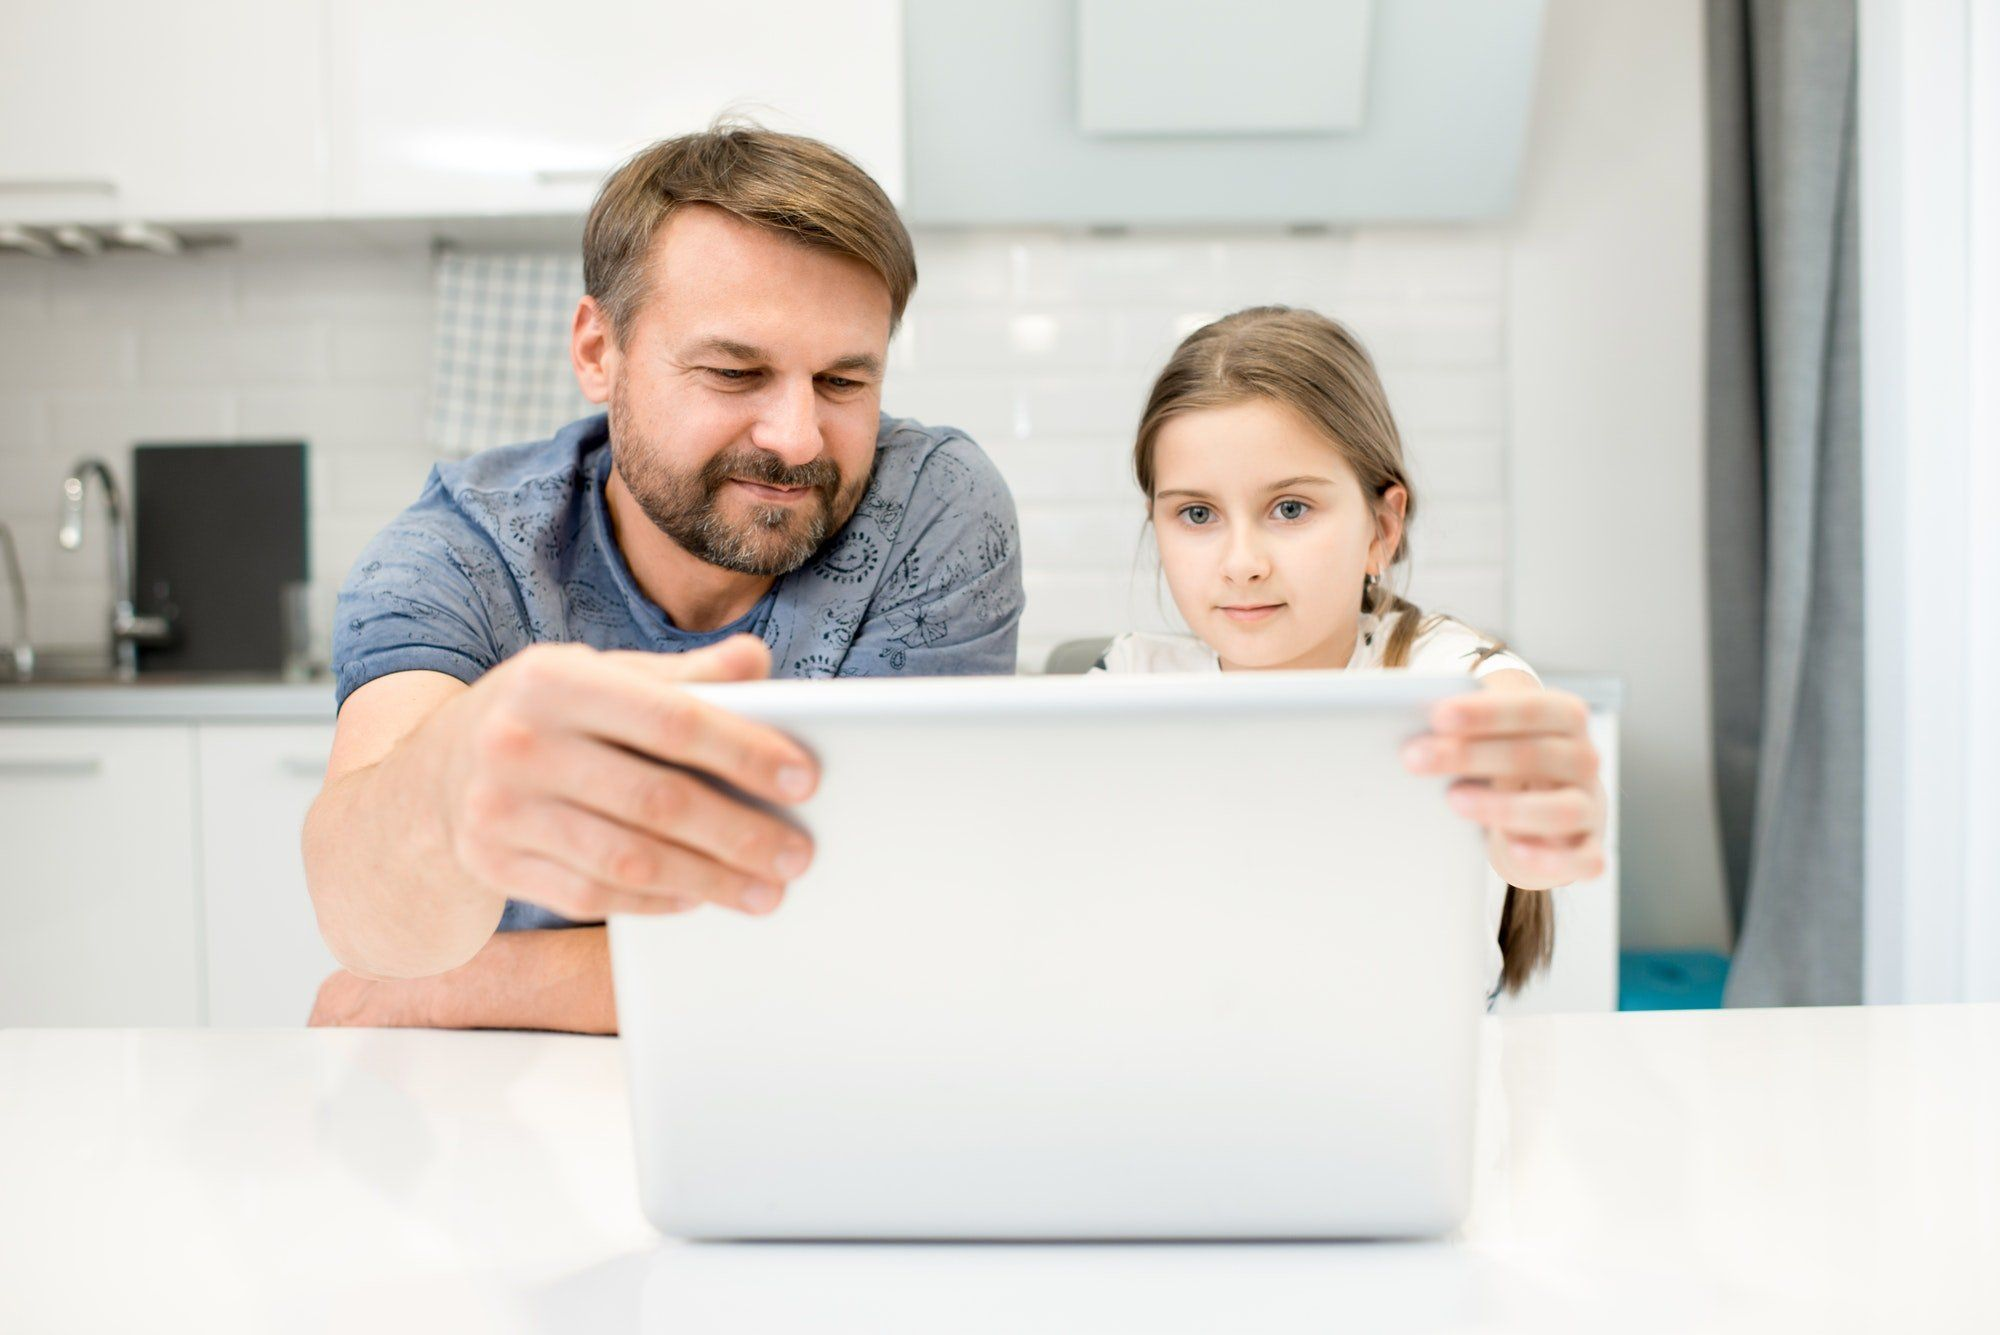 Experte: So schützen Eltern ihre Kinder im Netz